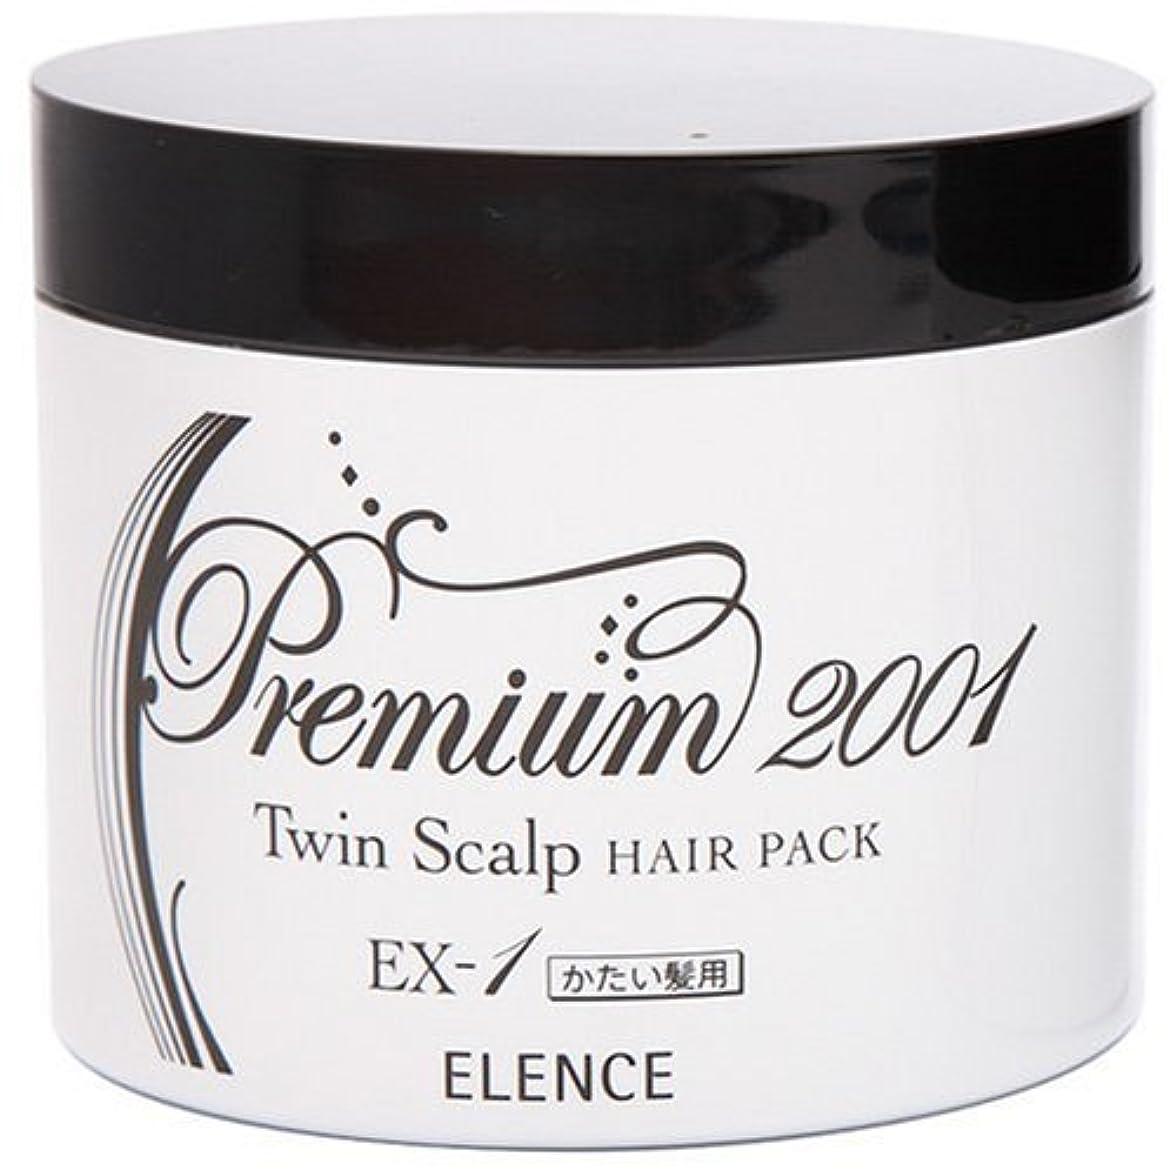 変形量でほうきエレンス2001 ツインスキャルプヘアパックEX-1(かたい髪用)